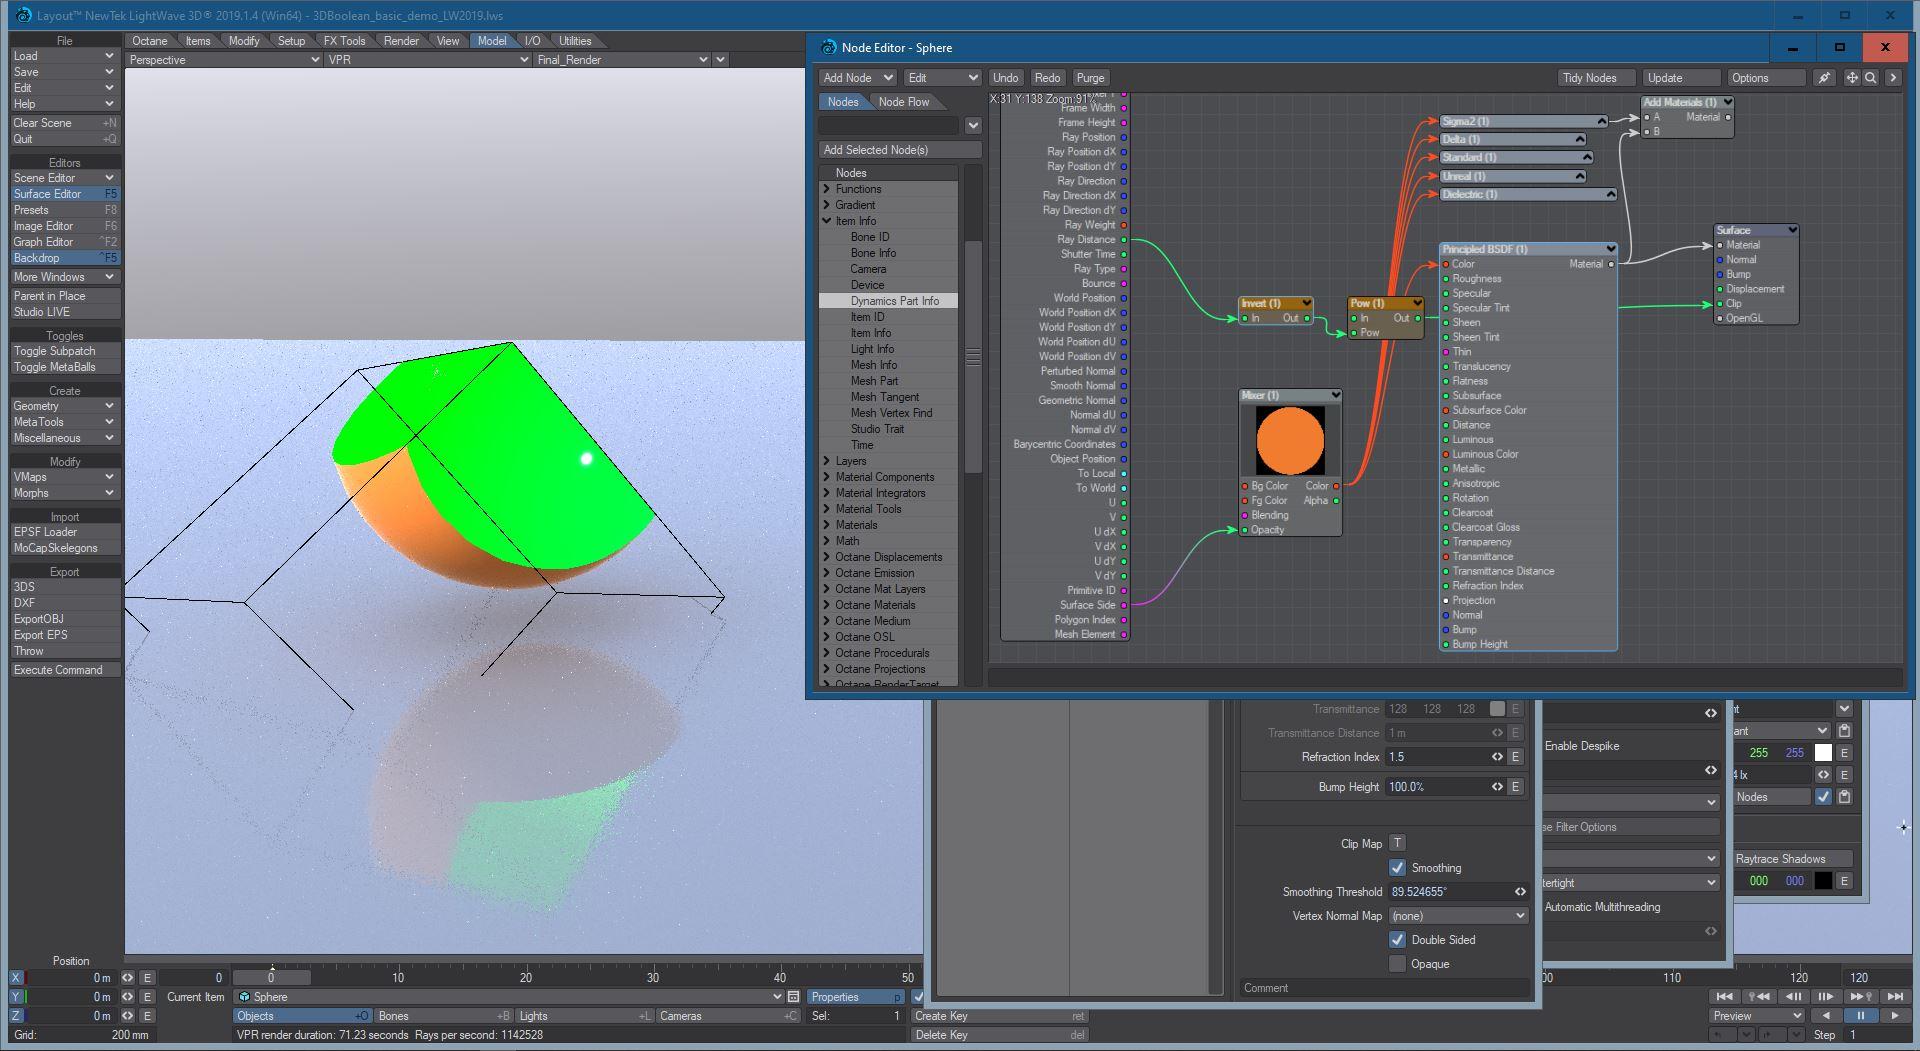 Nome: 2020-02-14 14_24_37-Layout™ NewTek LightWave 3D® 2019.1.4 (Win64) - 3DBoolean_basic_demo_LW2019..jpg Visite: 111 Dimensione: 262.1 KB